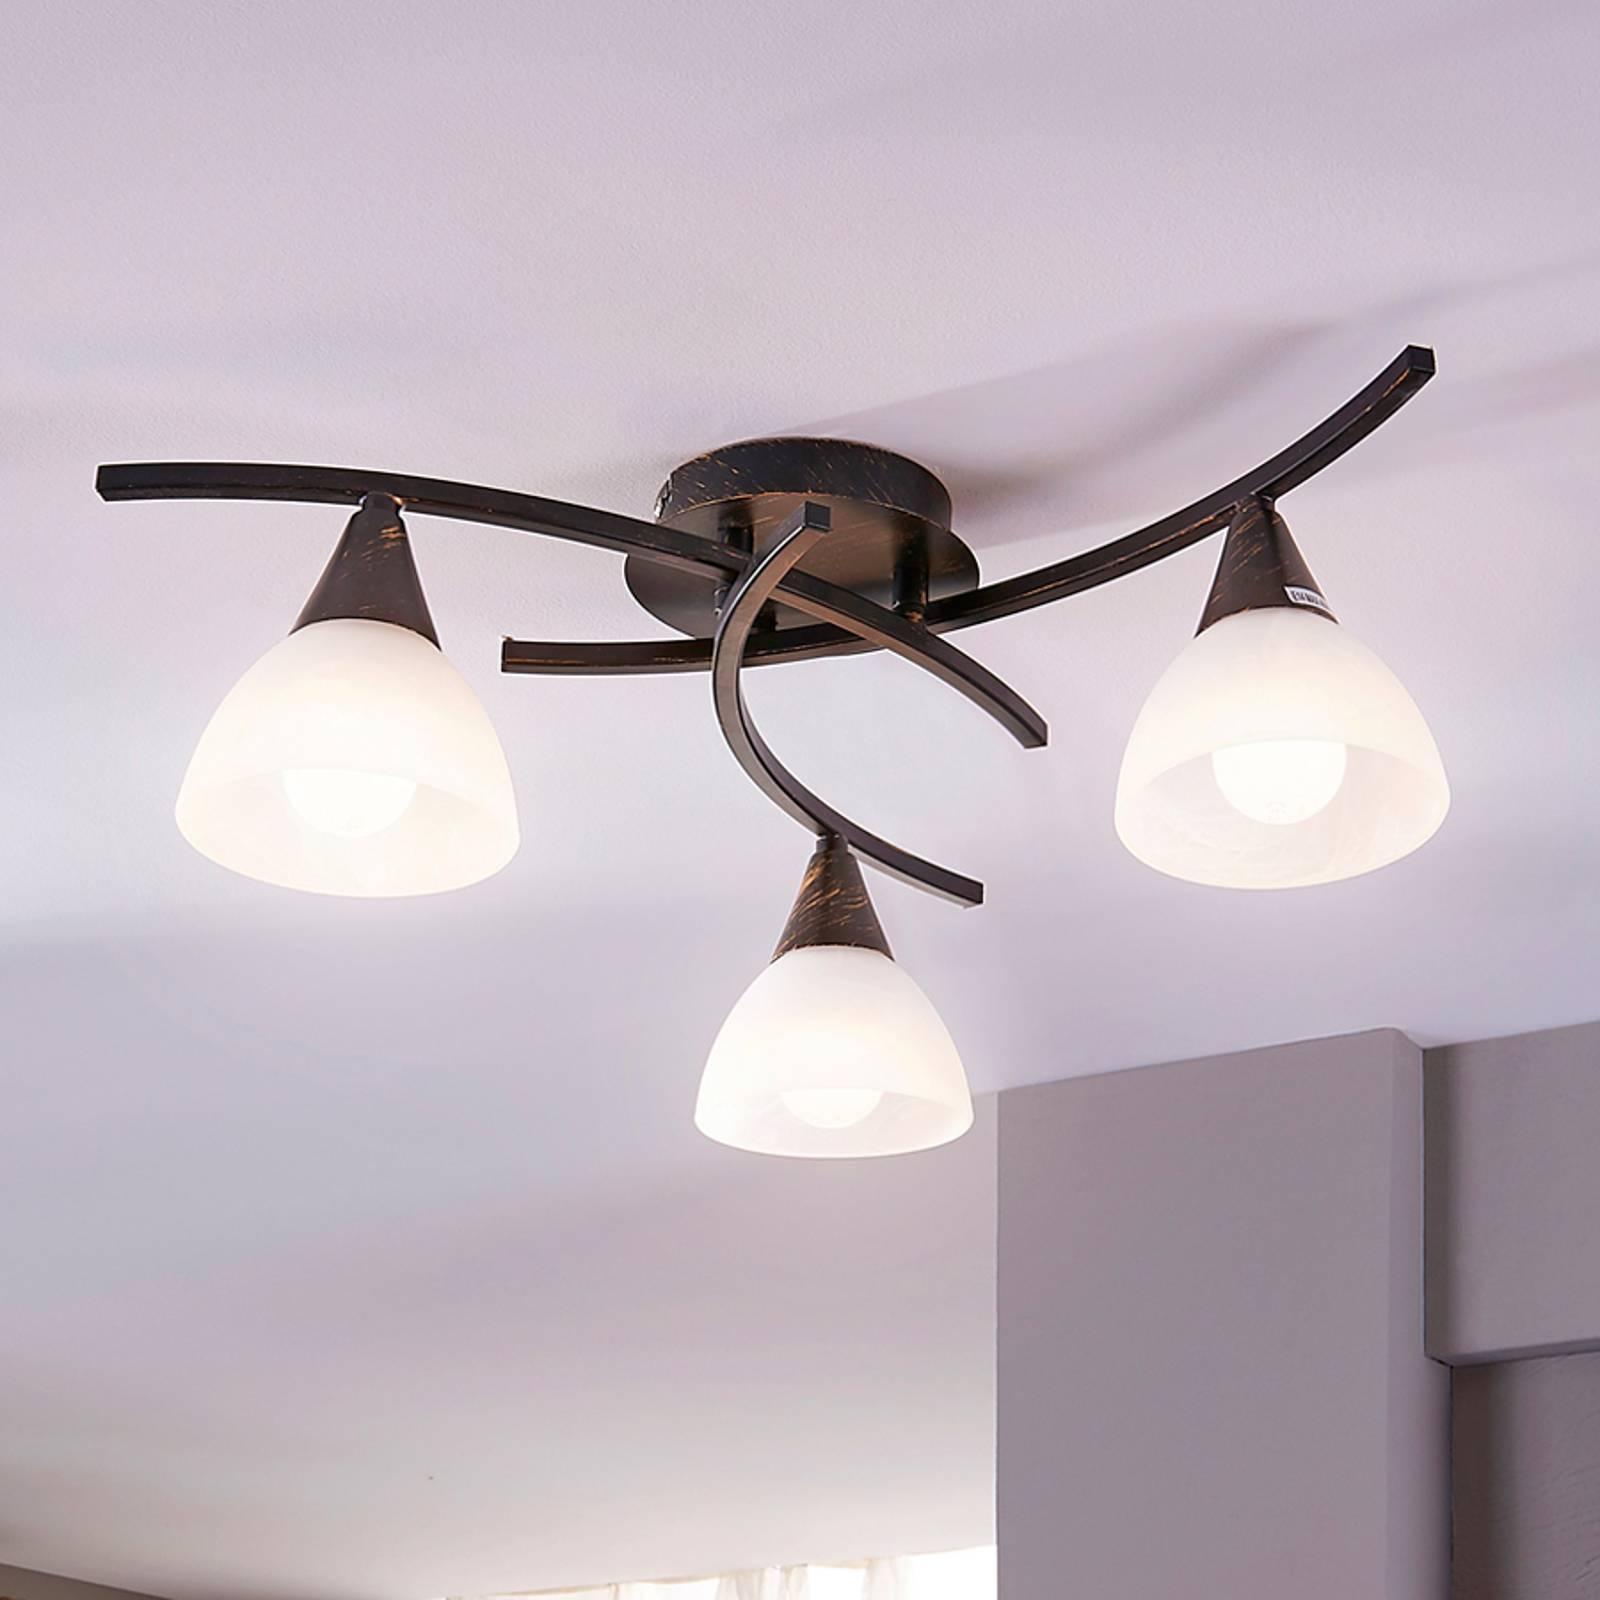 3-lamppuinen LED-kattovalaisin Della, musta-kulta